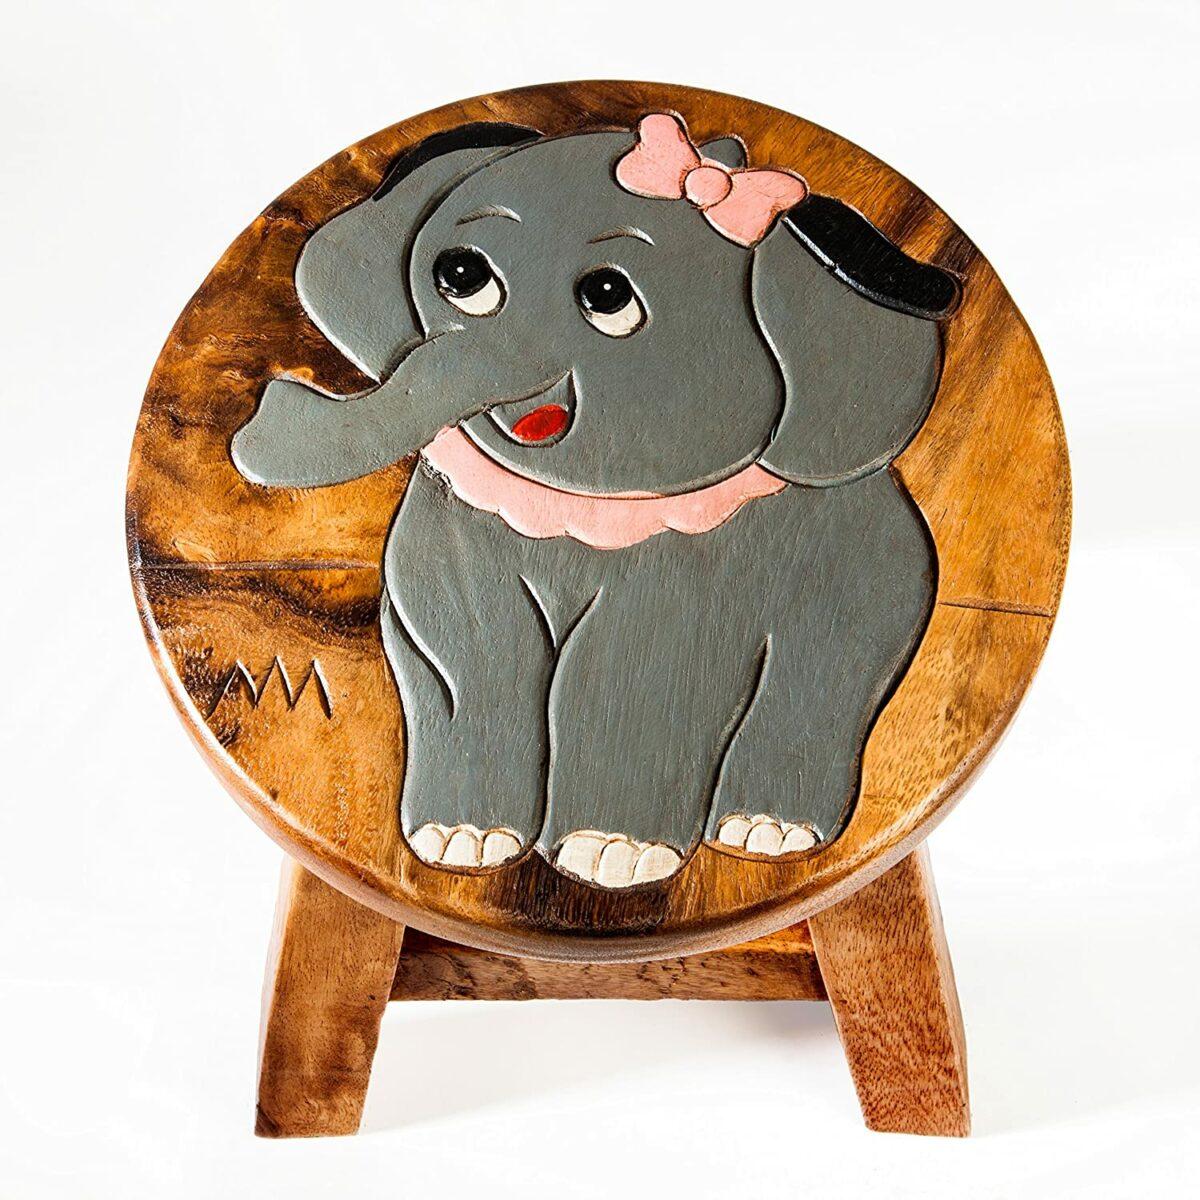 Kinderhocker, Schemel, Kinderstuhl massiv aus Holz mit Tiermotiv Elefant, 25 cm Sitzhöhe für unsere Kindersitzgruppe